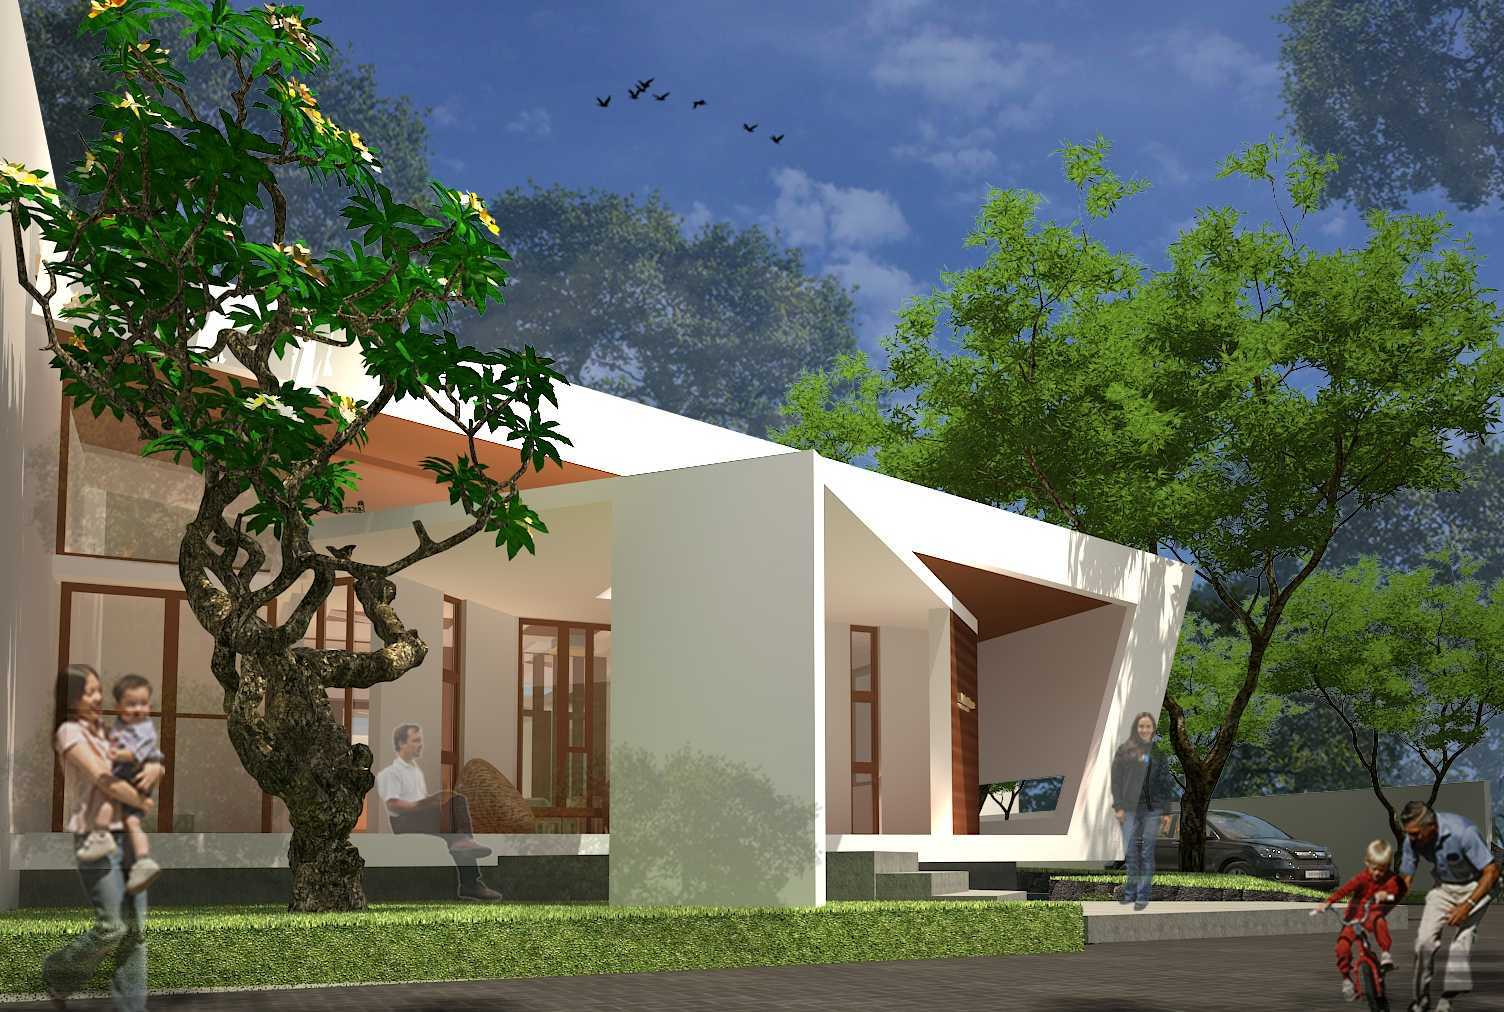 Roni Desain Rumah Hemat Energi  Sulawesi Selatan, Indonesia Sulawesi Selatan, Indonesia Roni-Desain-Rumah-Hemat-Energi-  59910